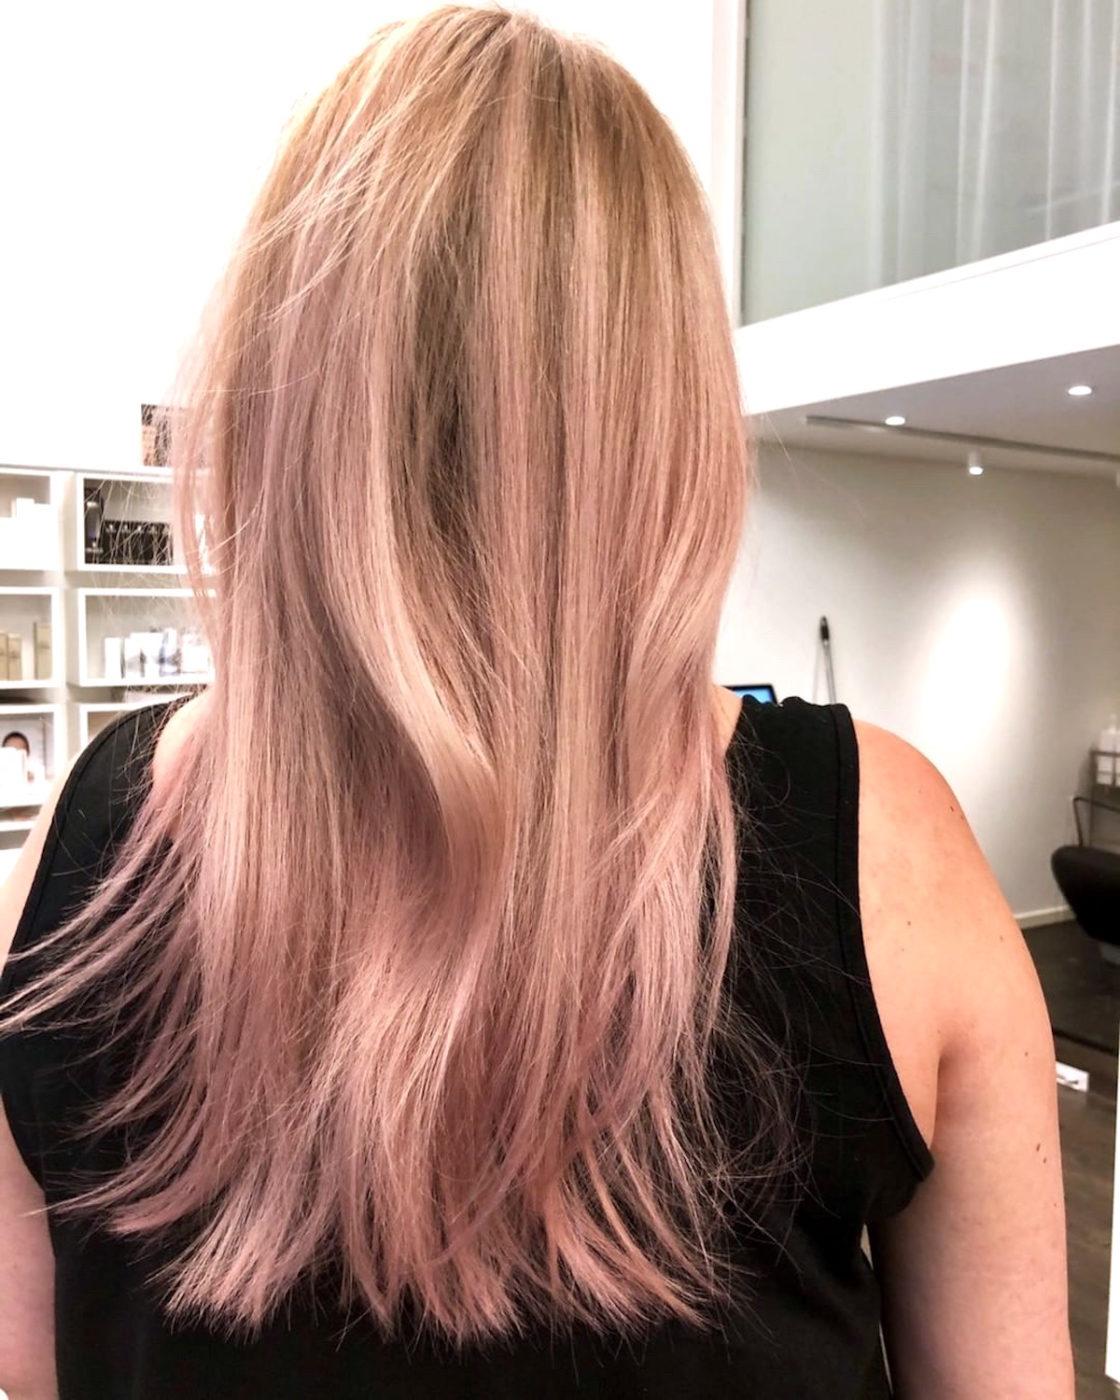 färga håret i rosalila